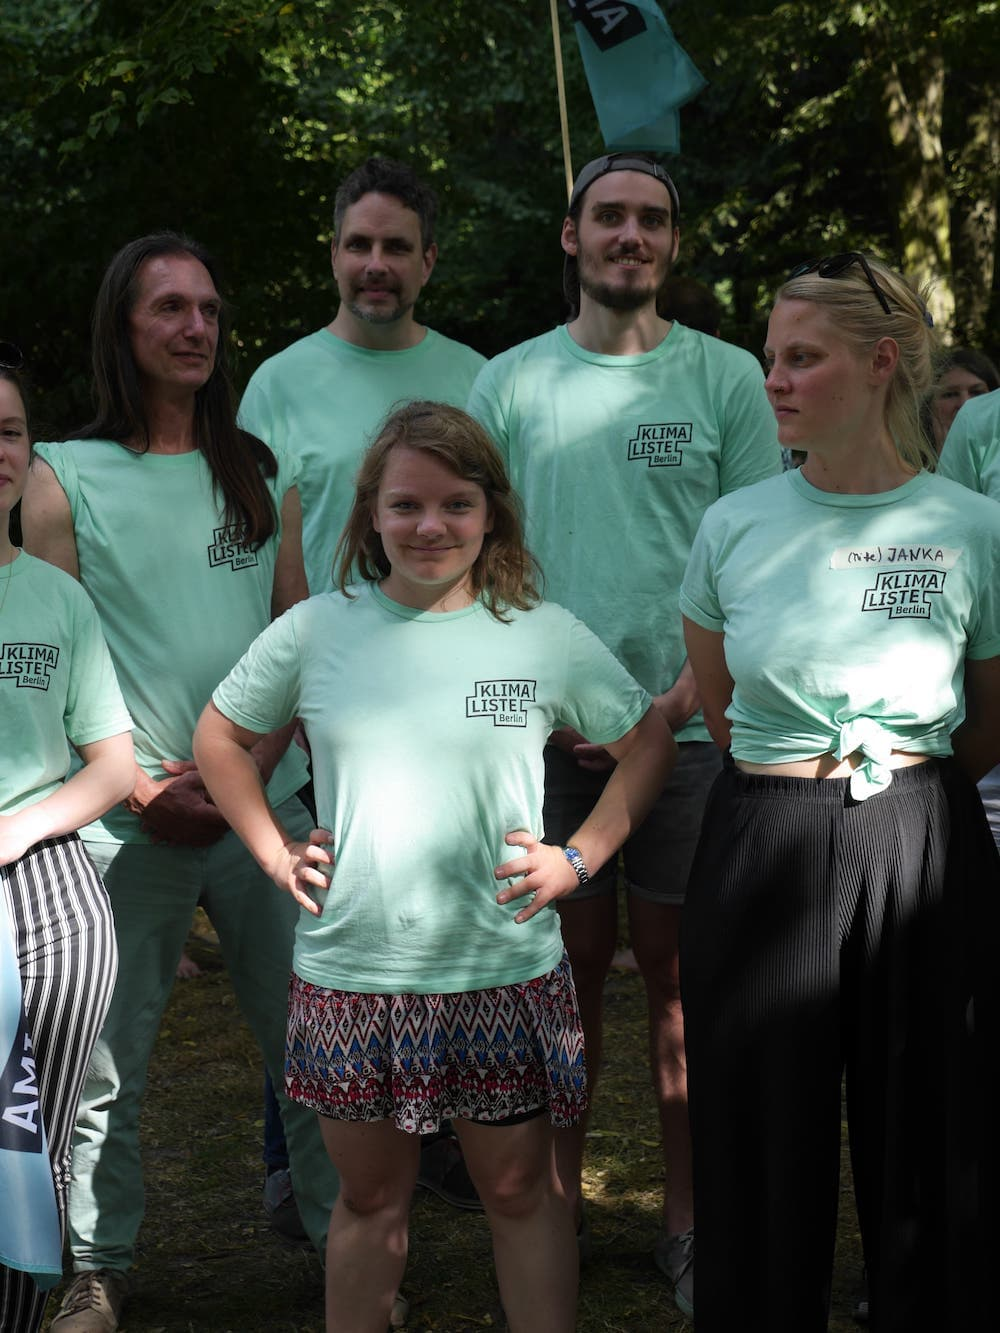 Marit in Klimalisten Shirt, selbstsicher mit Parteikolleginnen.